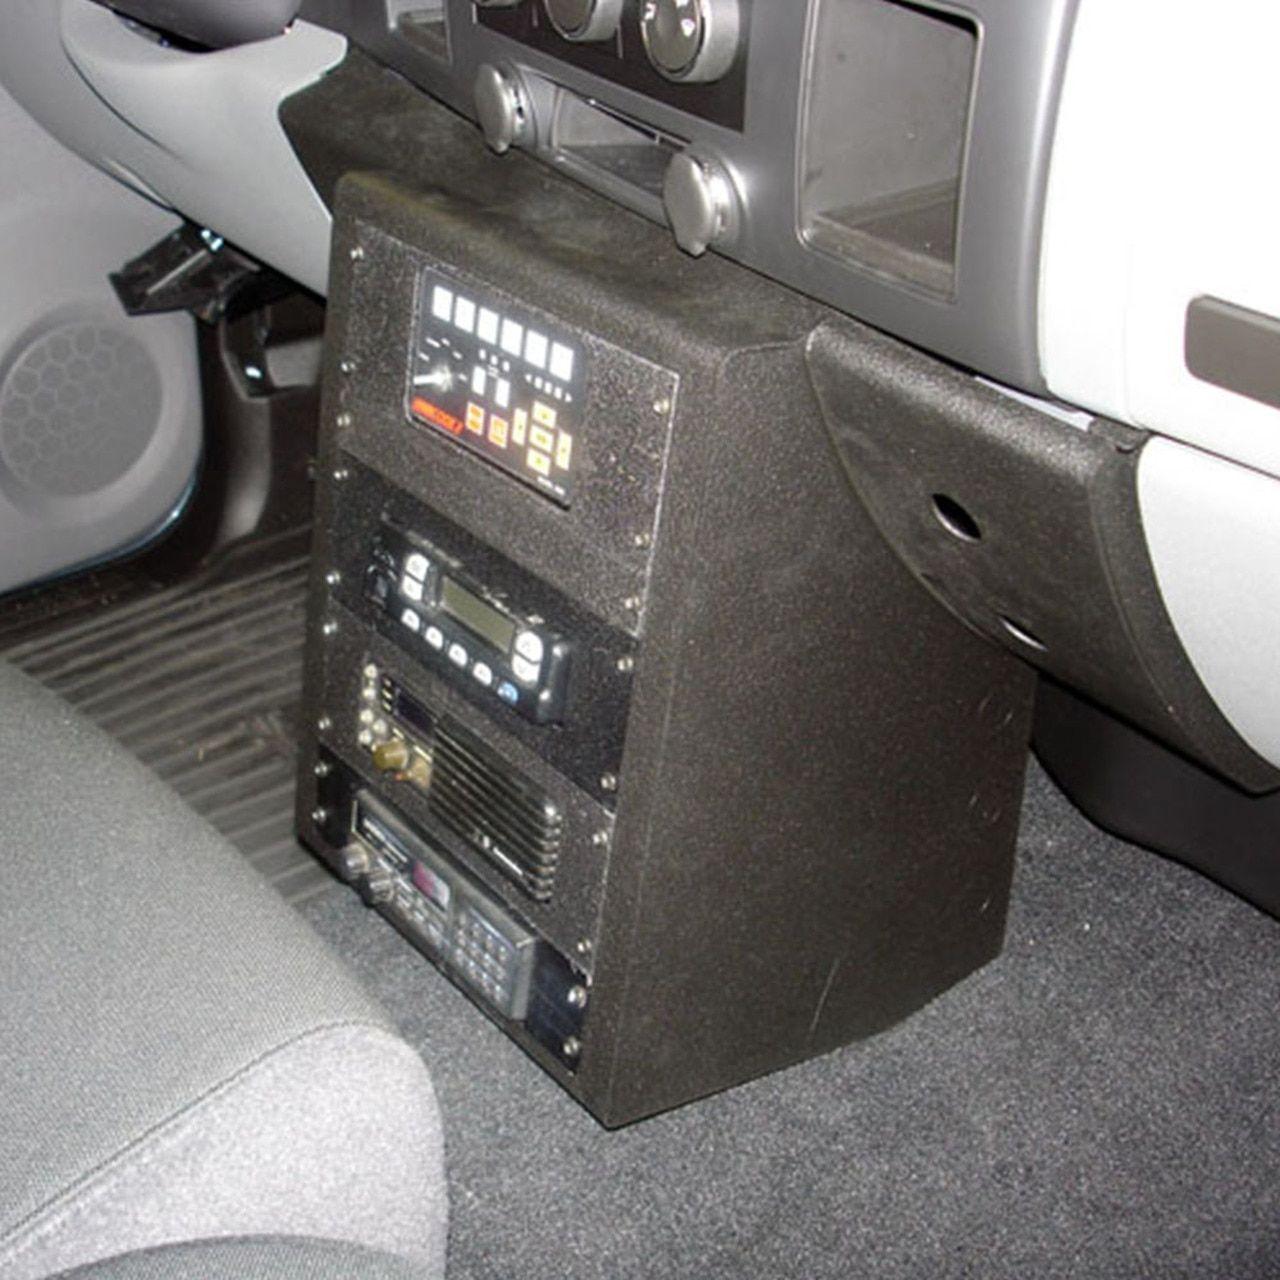 Jotto Desk 425 6396 2007 2013 Chevy Silverado Sierra 1500 2007 2014 Silverado Sierra 2500 3500 Police Equipment Console Contour Includes 12 Inch Of Fa In 2020 Chevy Silverado 2013 Chevy Silverado Silverado